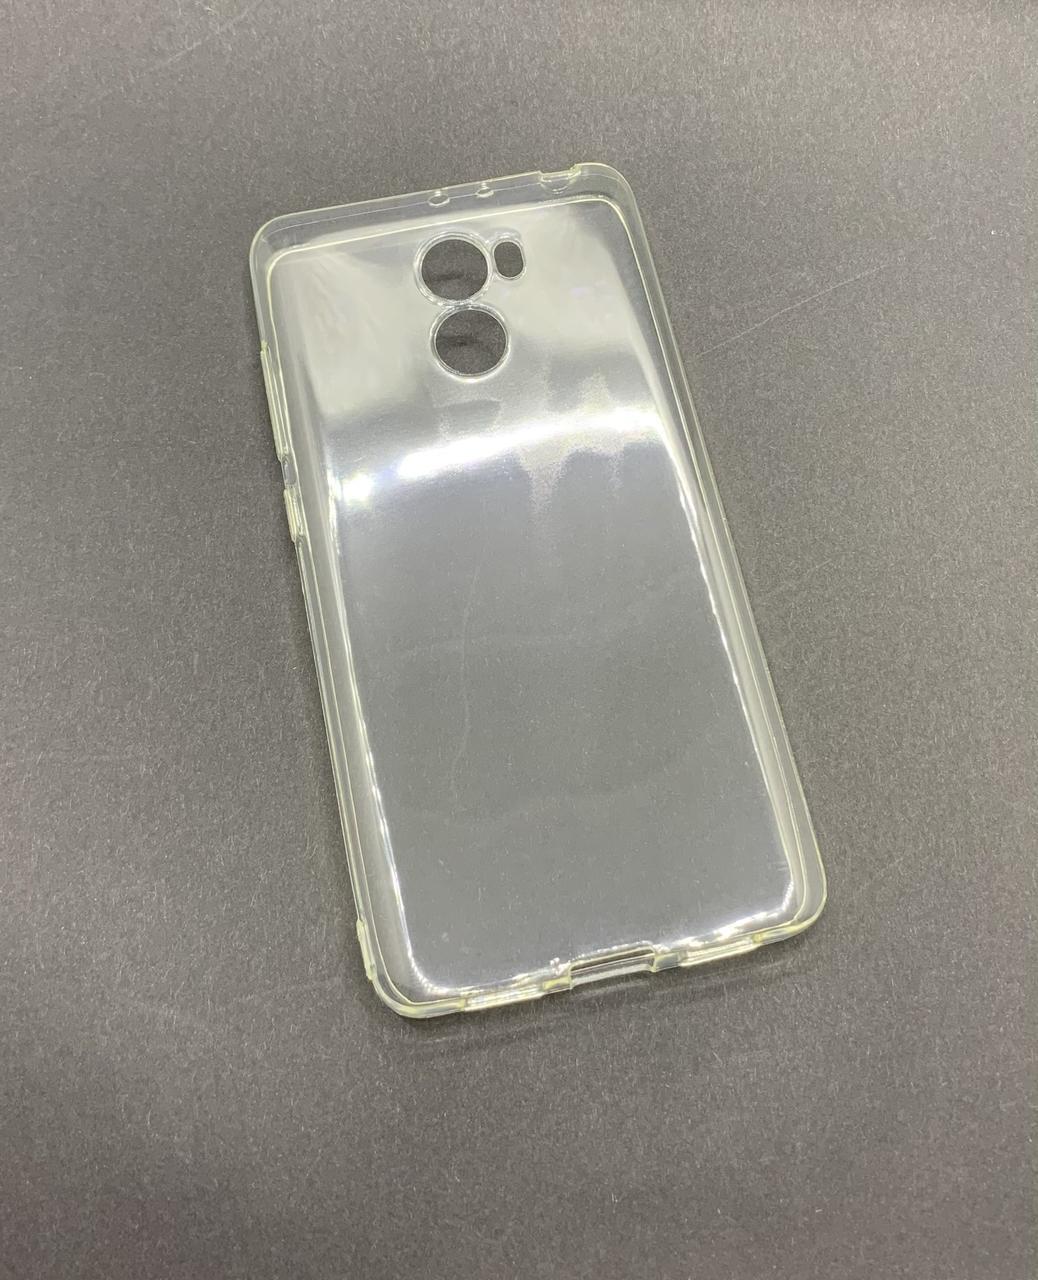 Xiaomi Redmi 4 чехол прозрачный силиконовый  ультратонкий бампер/ накладка